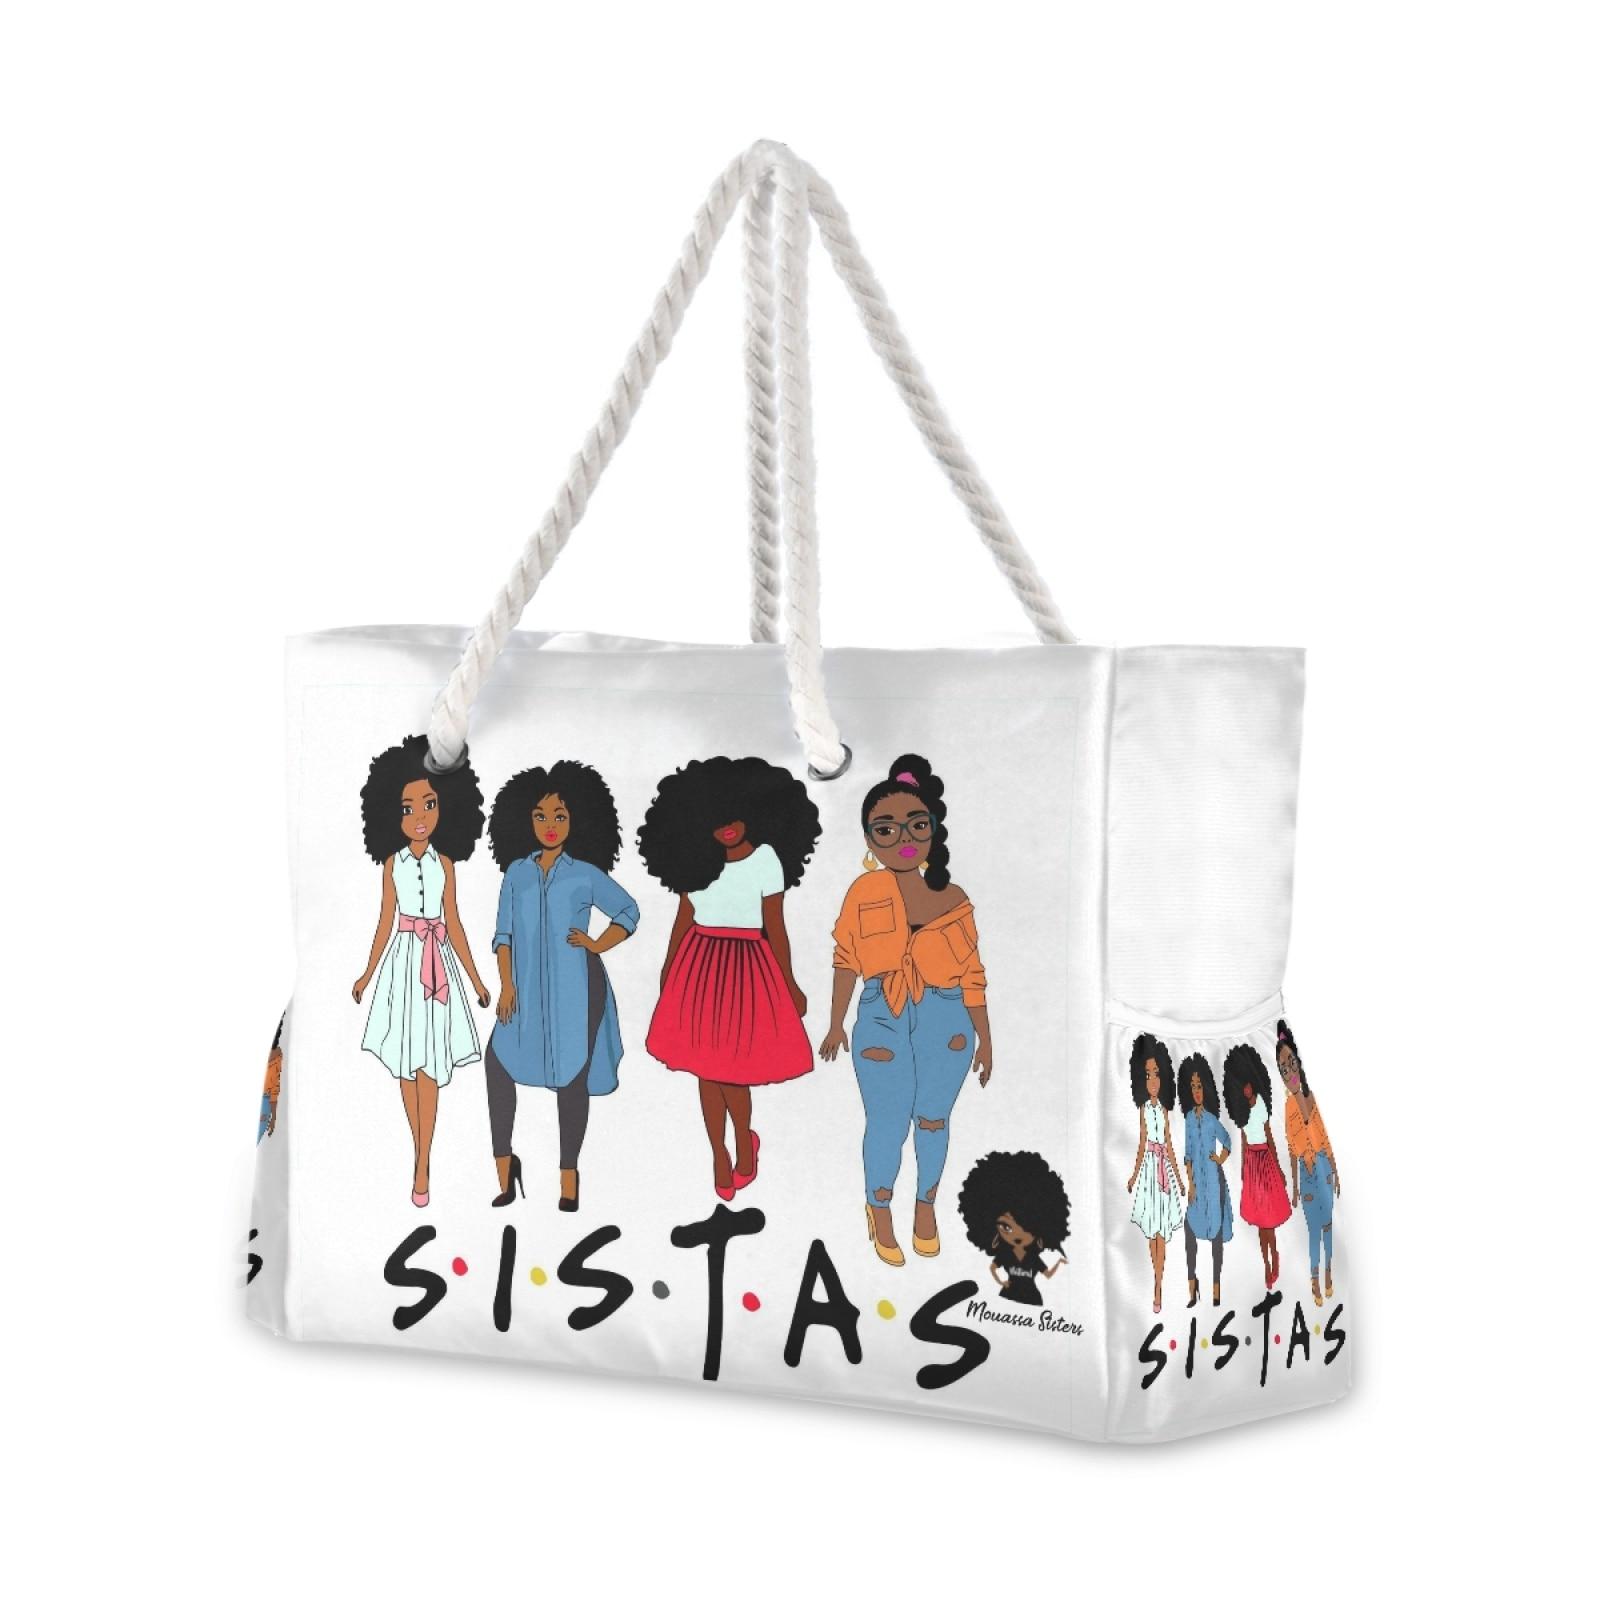 موضة جديدة للطي المرأة كبيرة الحجم حقيبة يد حمل السيدات عادية الأفريقية بنات أسود المرأة طباعة حقيبة كتف شاطئ بولسا الأنثوية